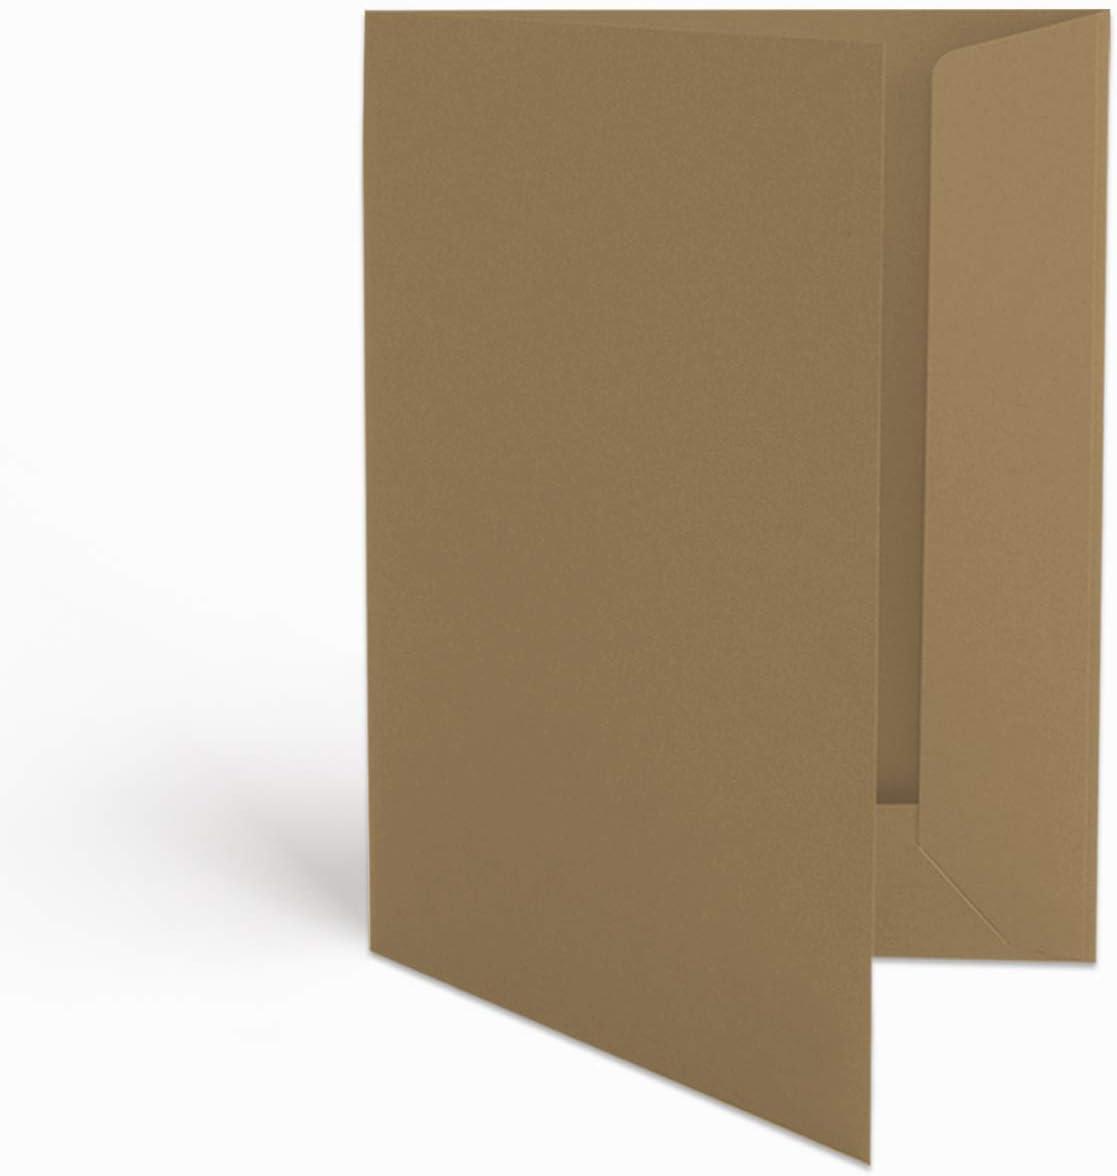 DIN-A4 SCHWARZ Stabiler durchgef/ärbter 320g//m/² Karton eigene Herstellung in Deutschland Dokumentenmappen Angebotsmappen Pappmappen Arbeitsmappen Pappe 100 Hochwertige Pr/äsentationsmappen